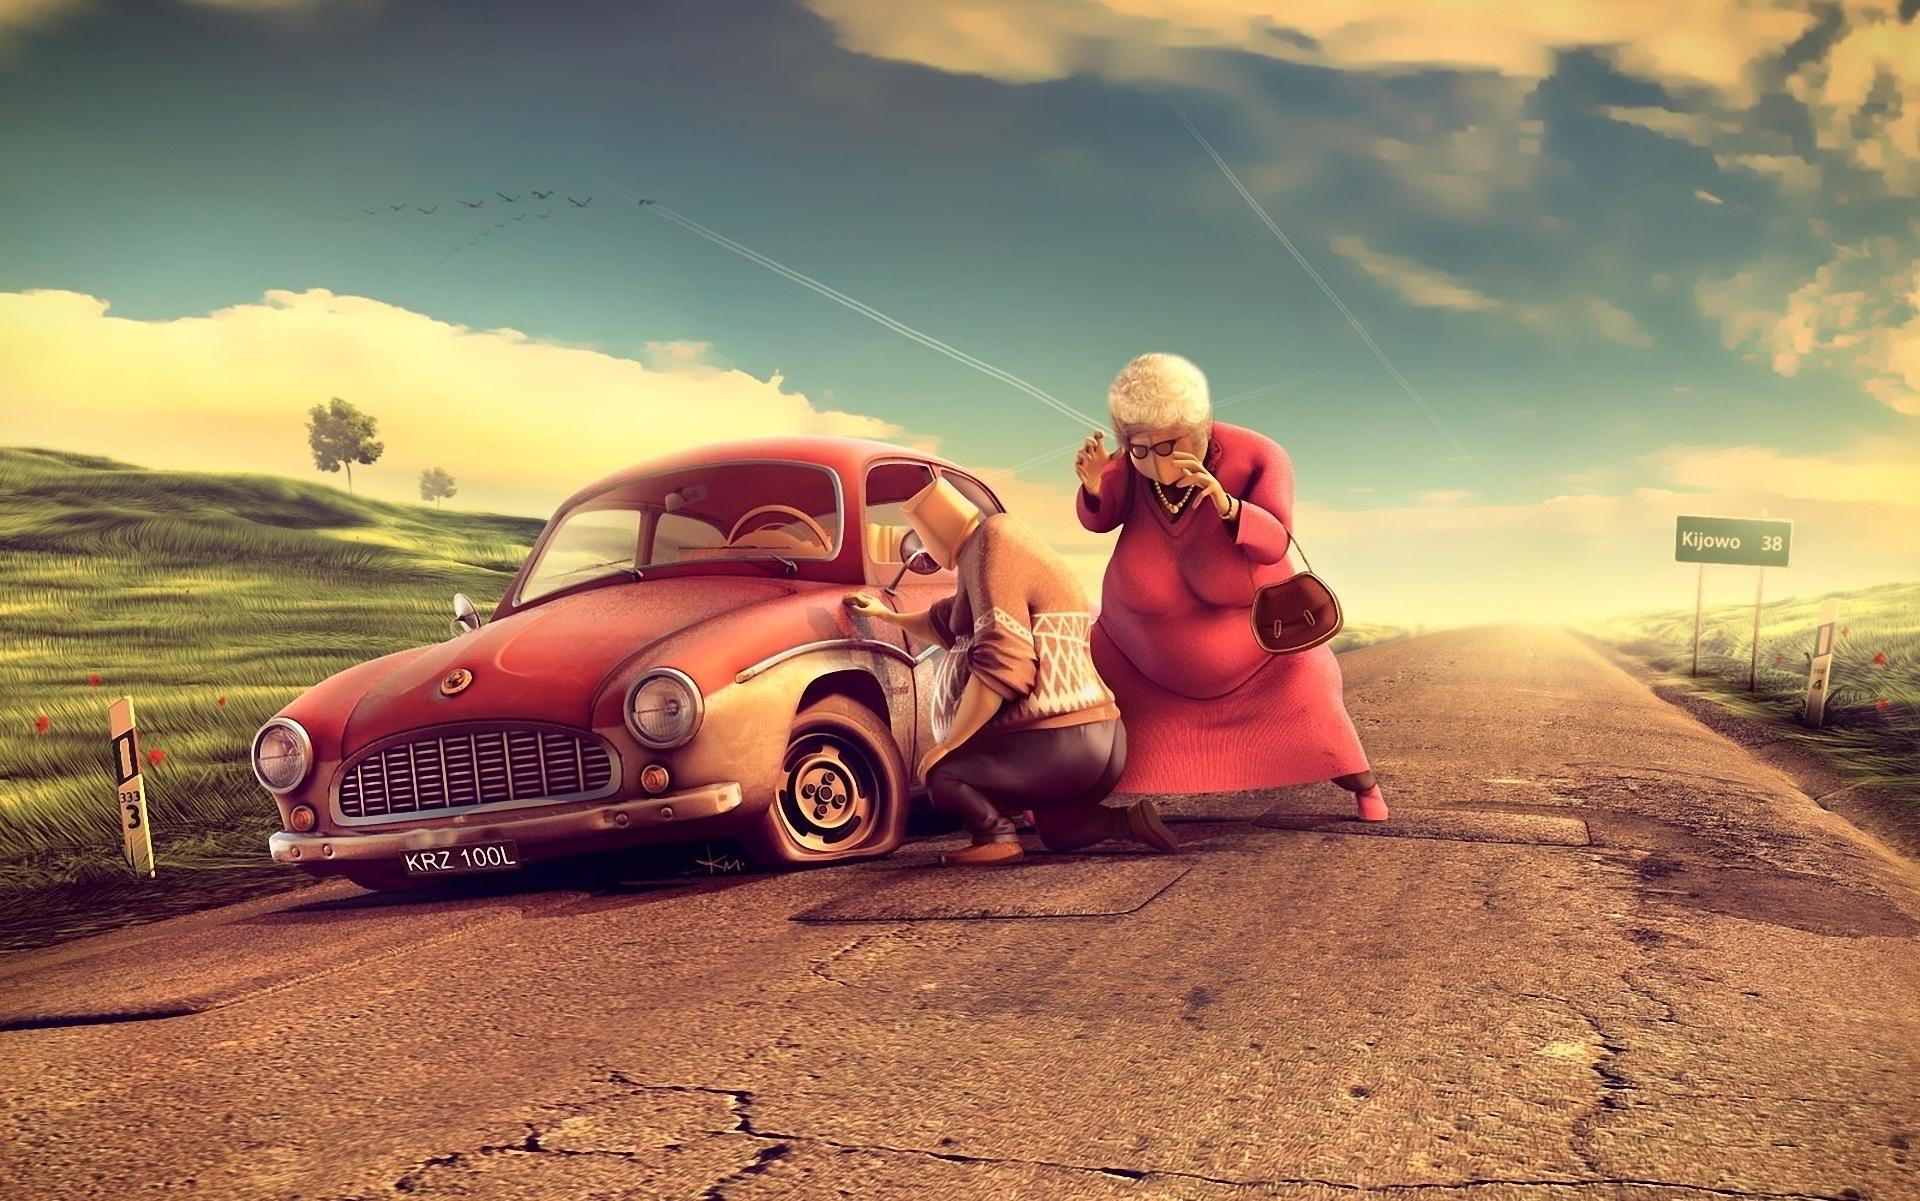 61+ Funny Car Wallpapers on WallpaperSafari